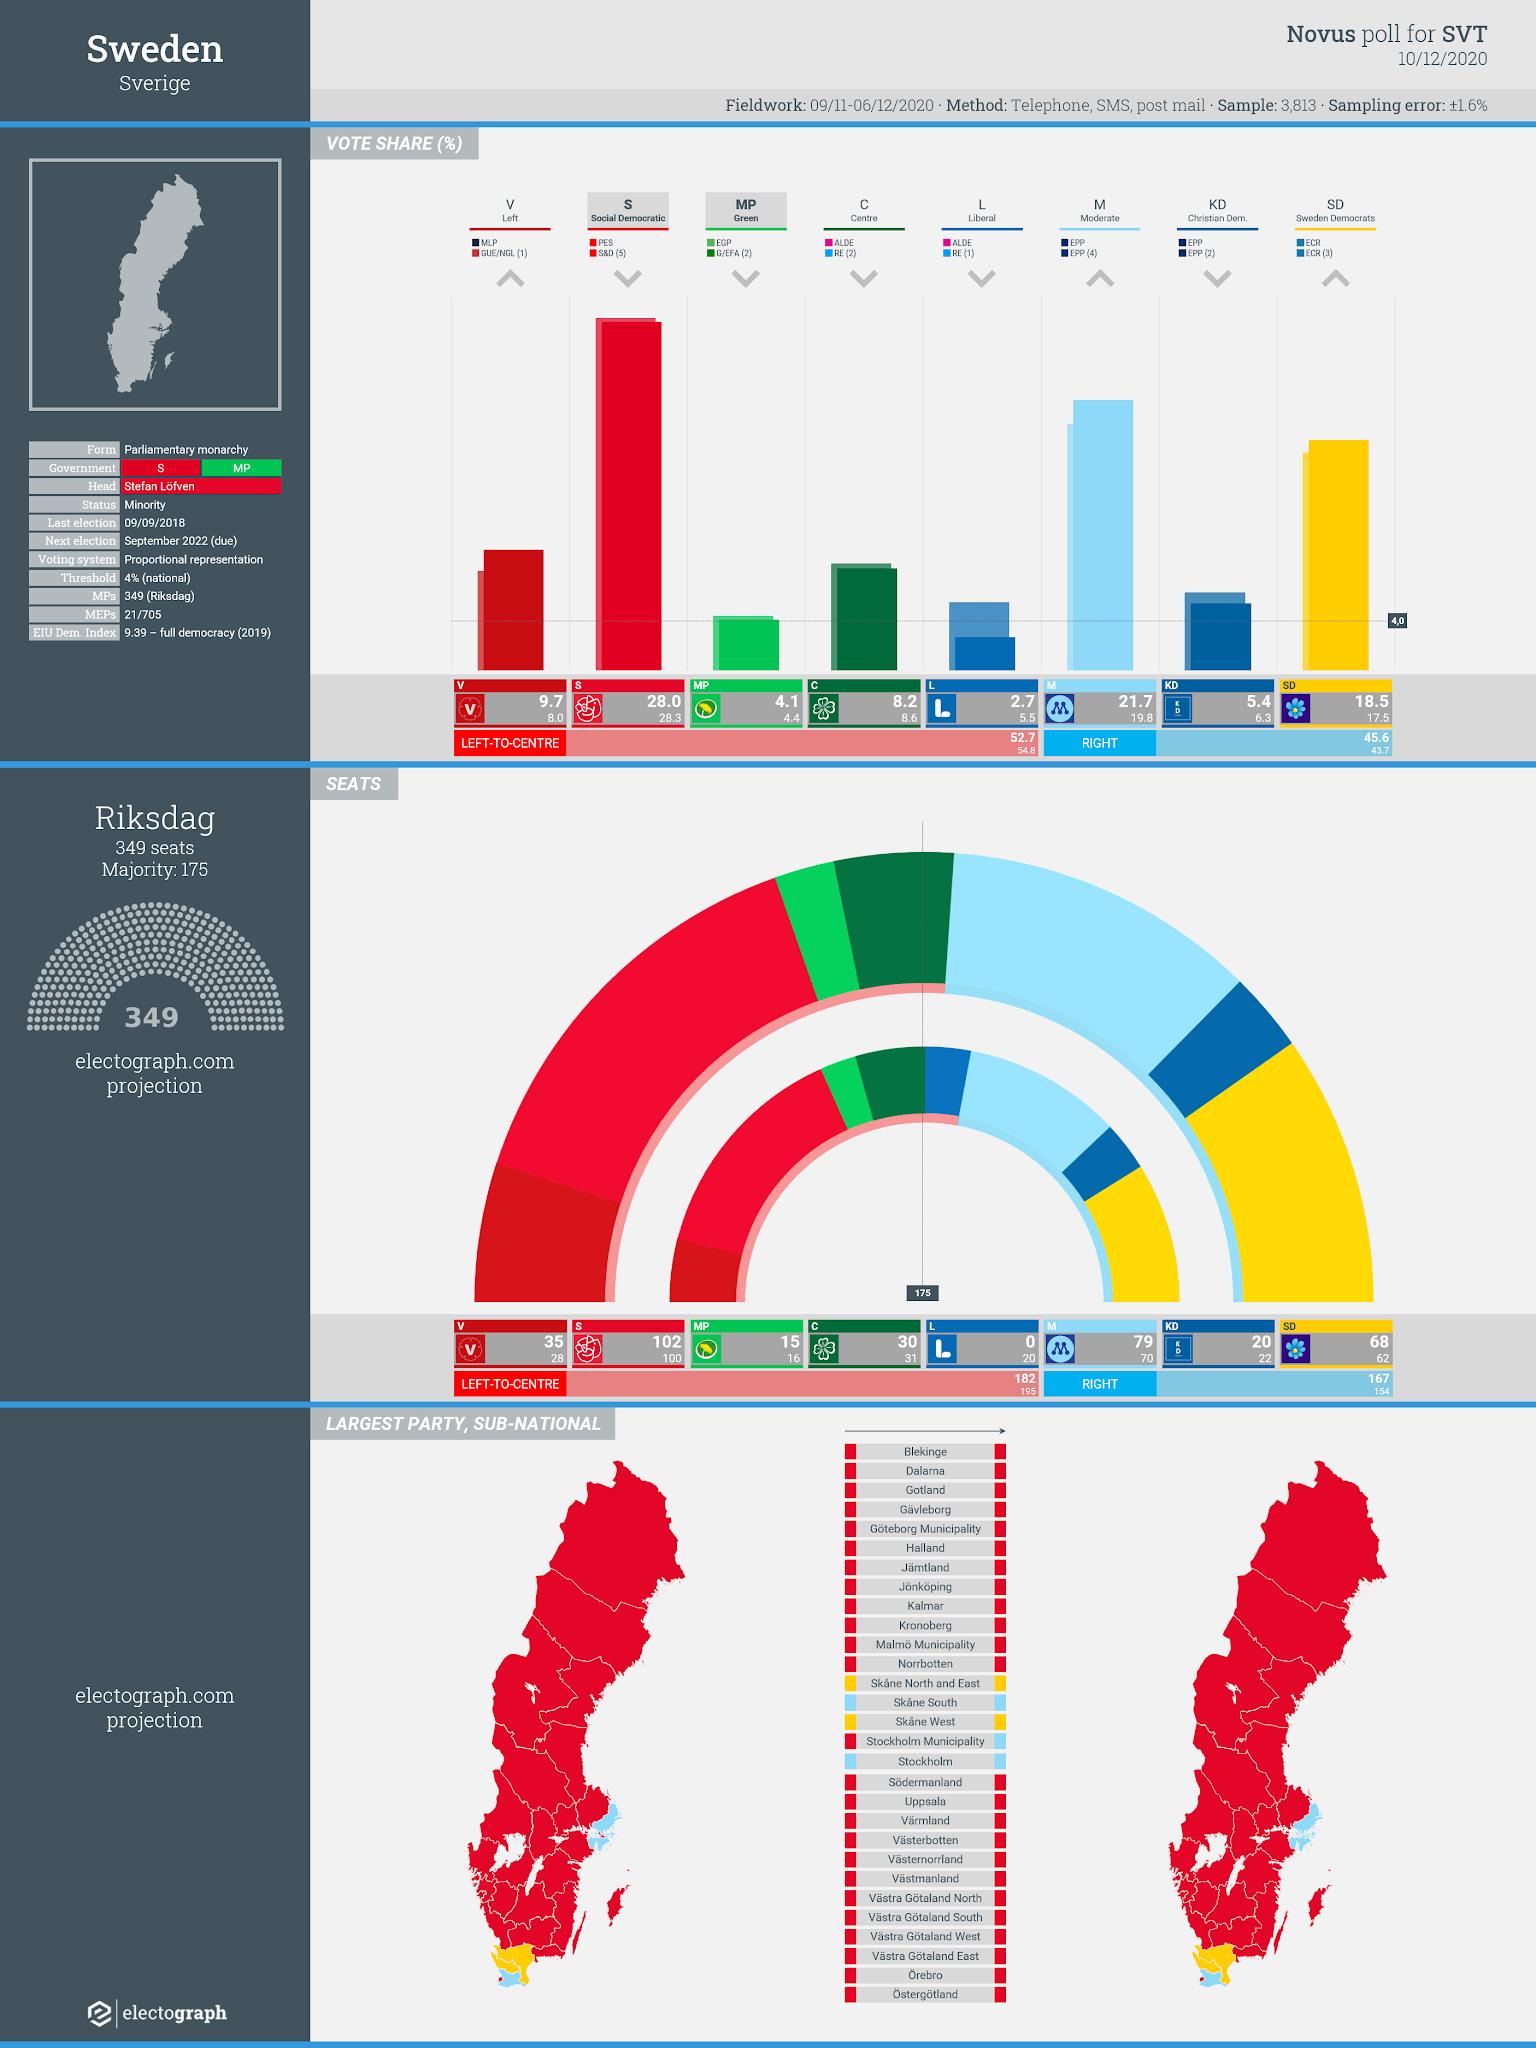 SWEDEN: Novus poll chart for SVT, 10 December 2020